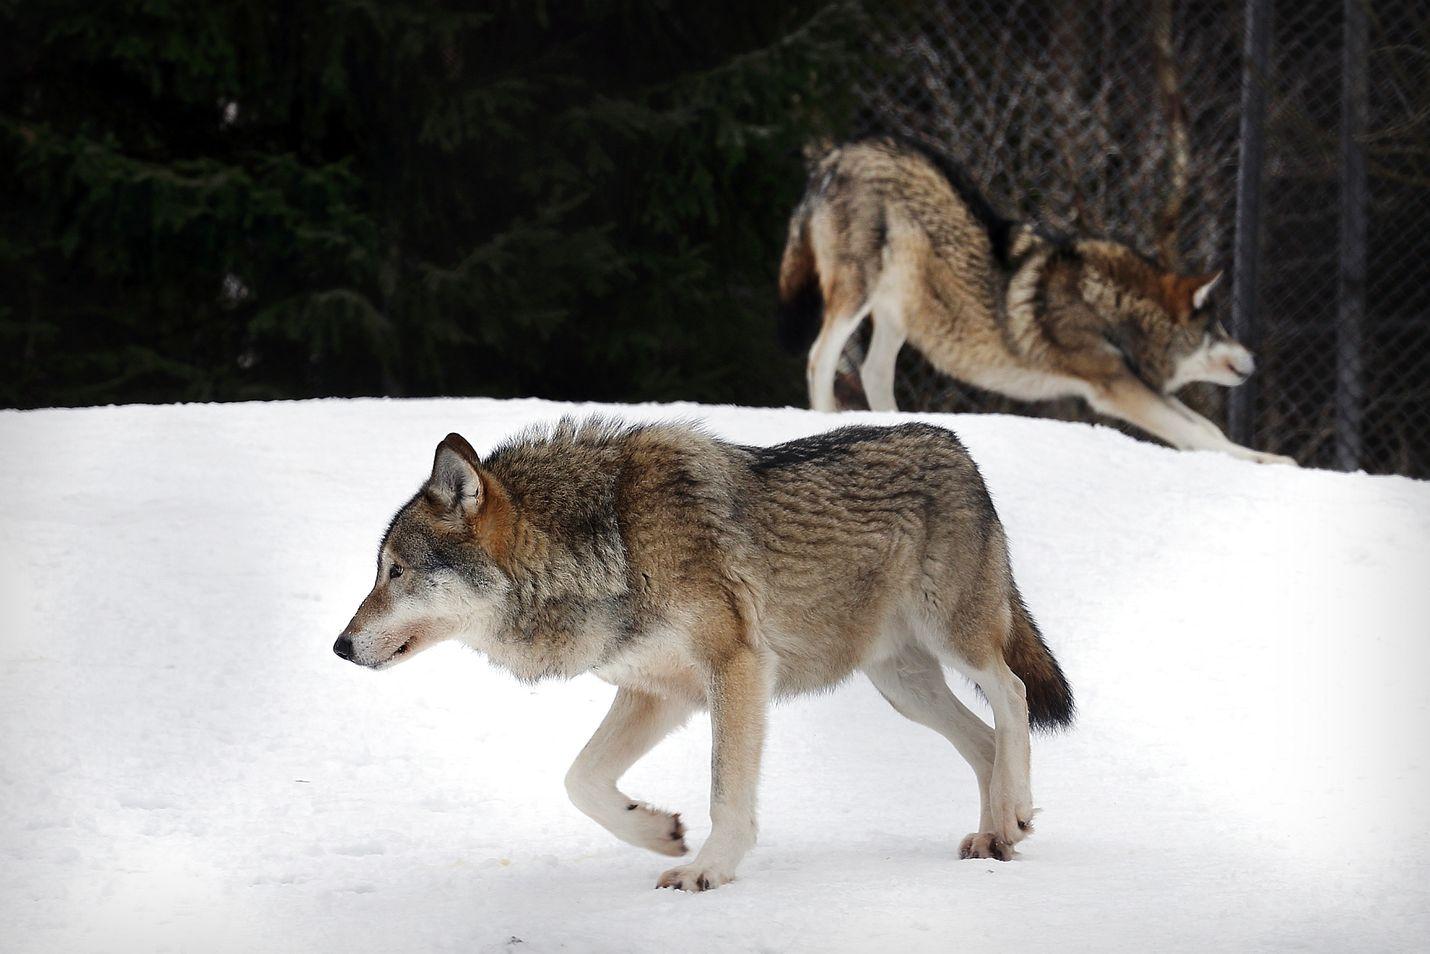 Ihmiset ja sudet voivat kohdata entistä useammin, kun suurin osa Suomen susikannasta on siirtynyt idästä tiheämmin asuttuihin maan länsiosiin. Tämä kaksikko on jo tottunut katseisiin Ähtärin eläinpuistossa.